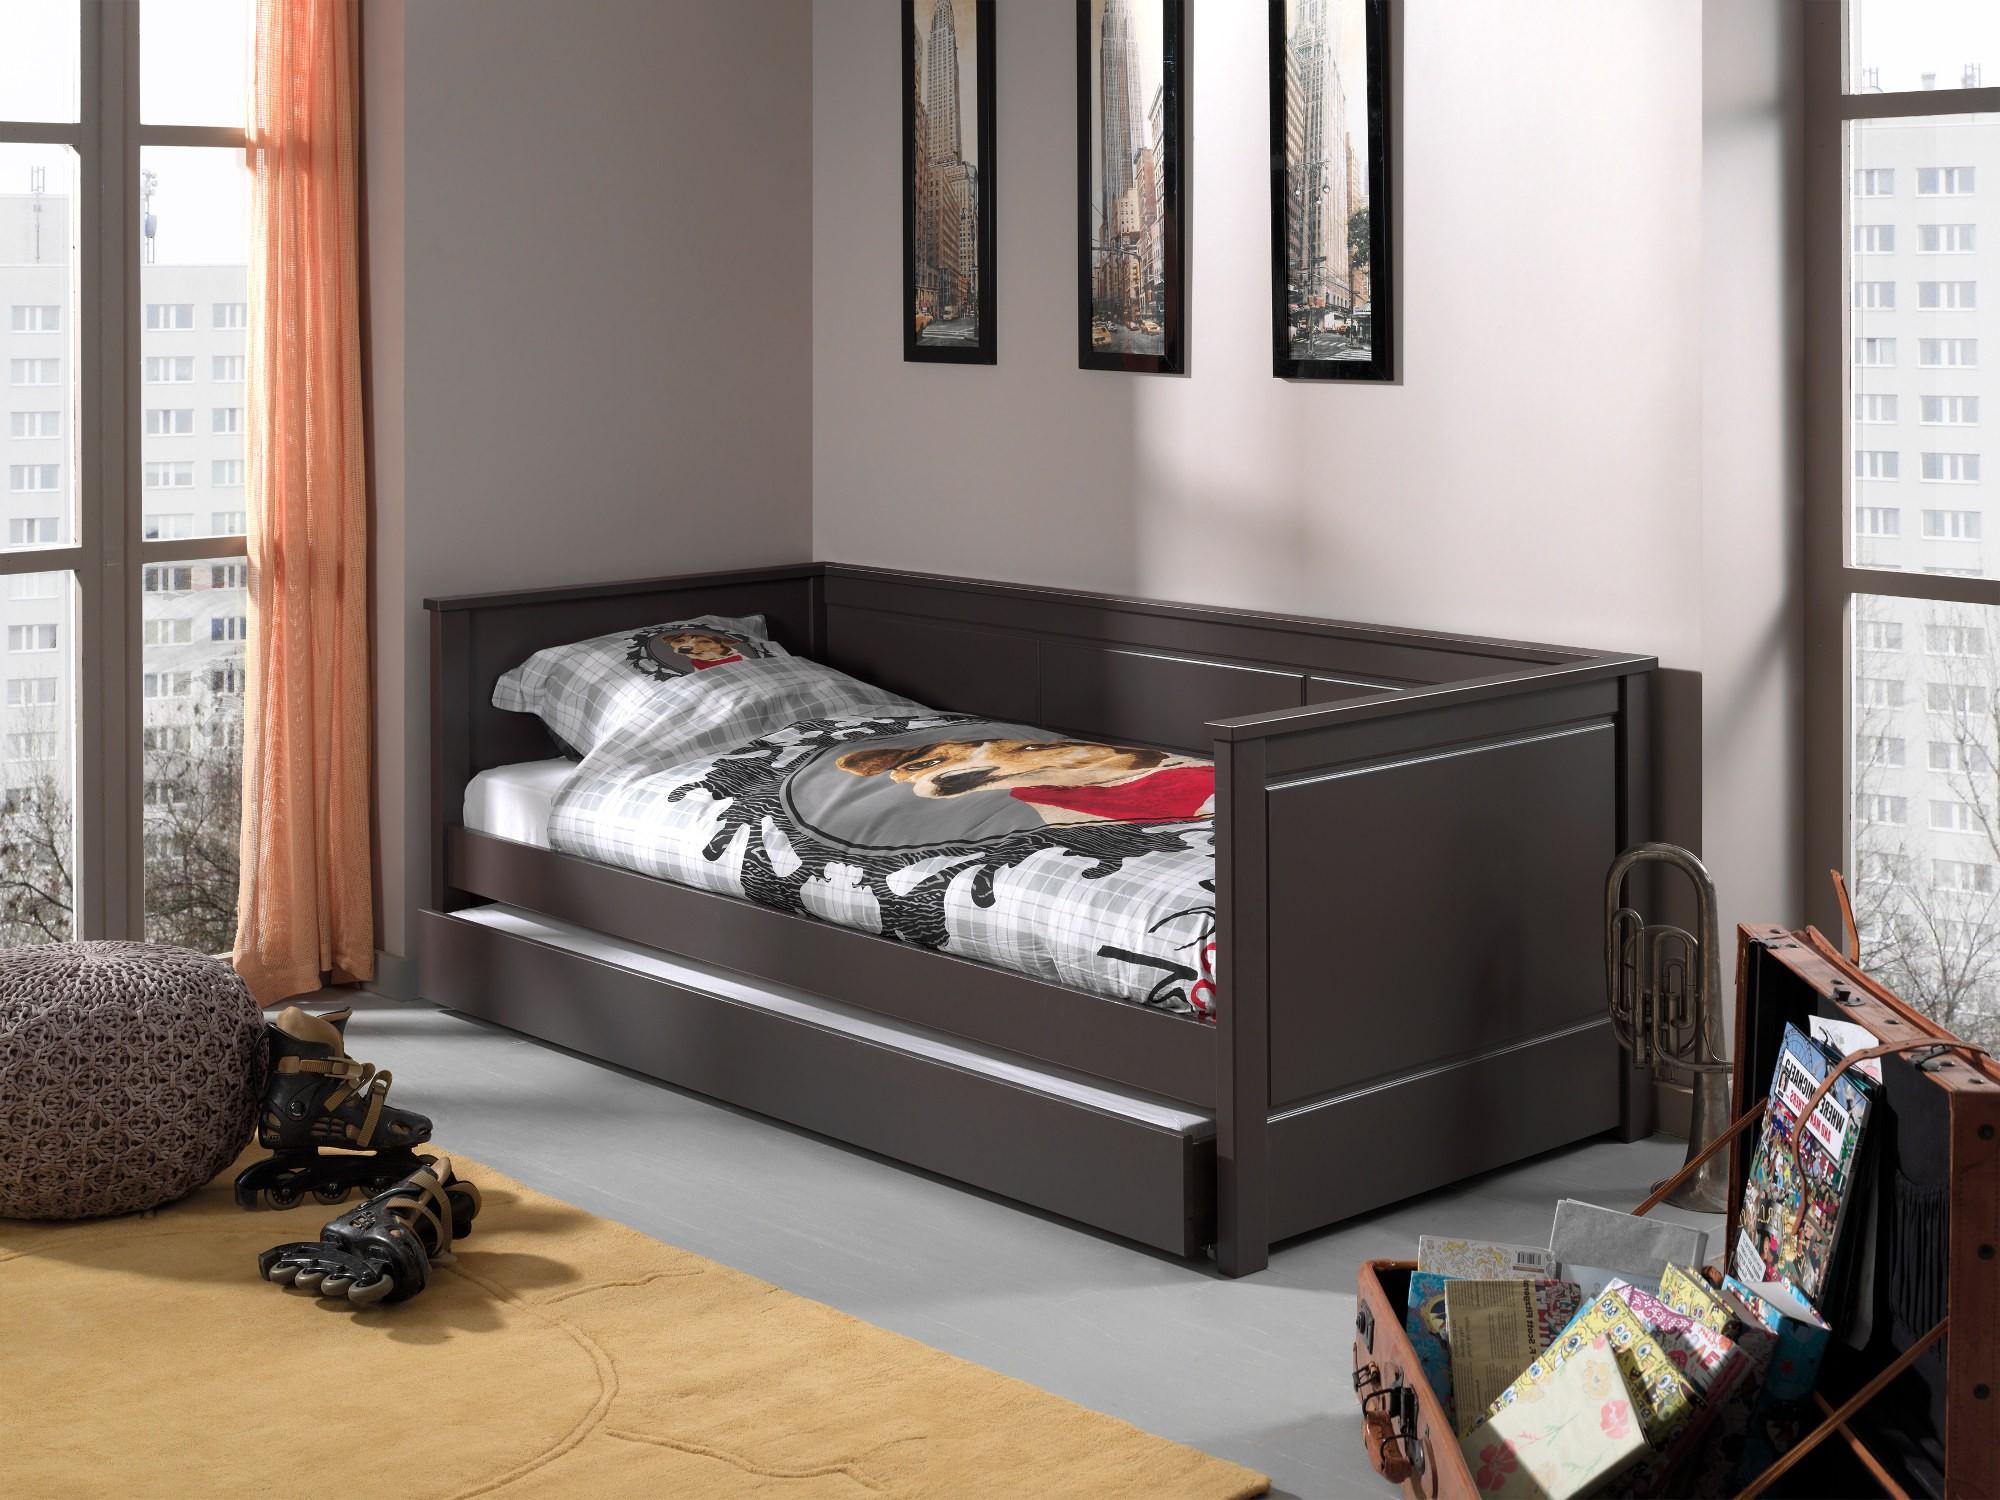 Bett mit bettkasten kinder  Kojenbett PINO - mit Bettschublade - Liegefläche 90 x 200 cm ...